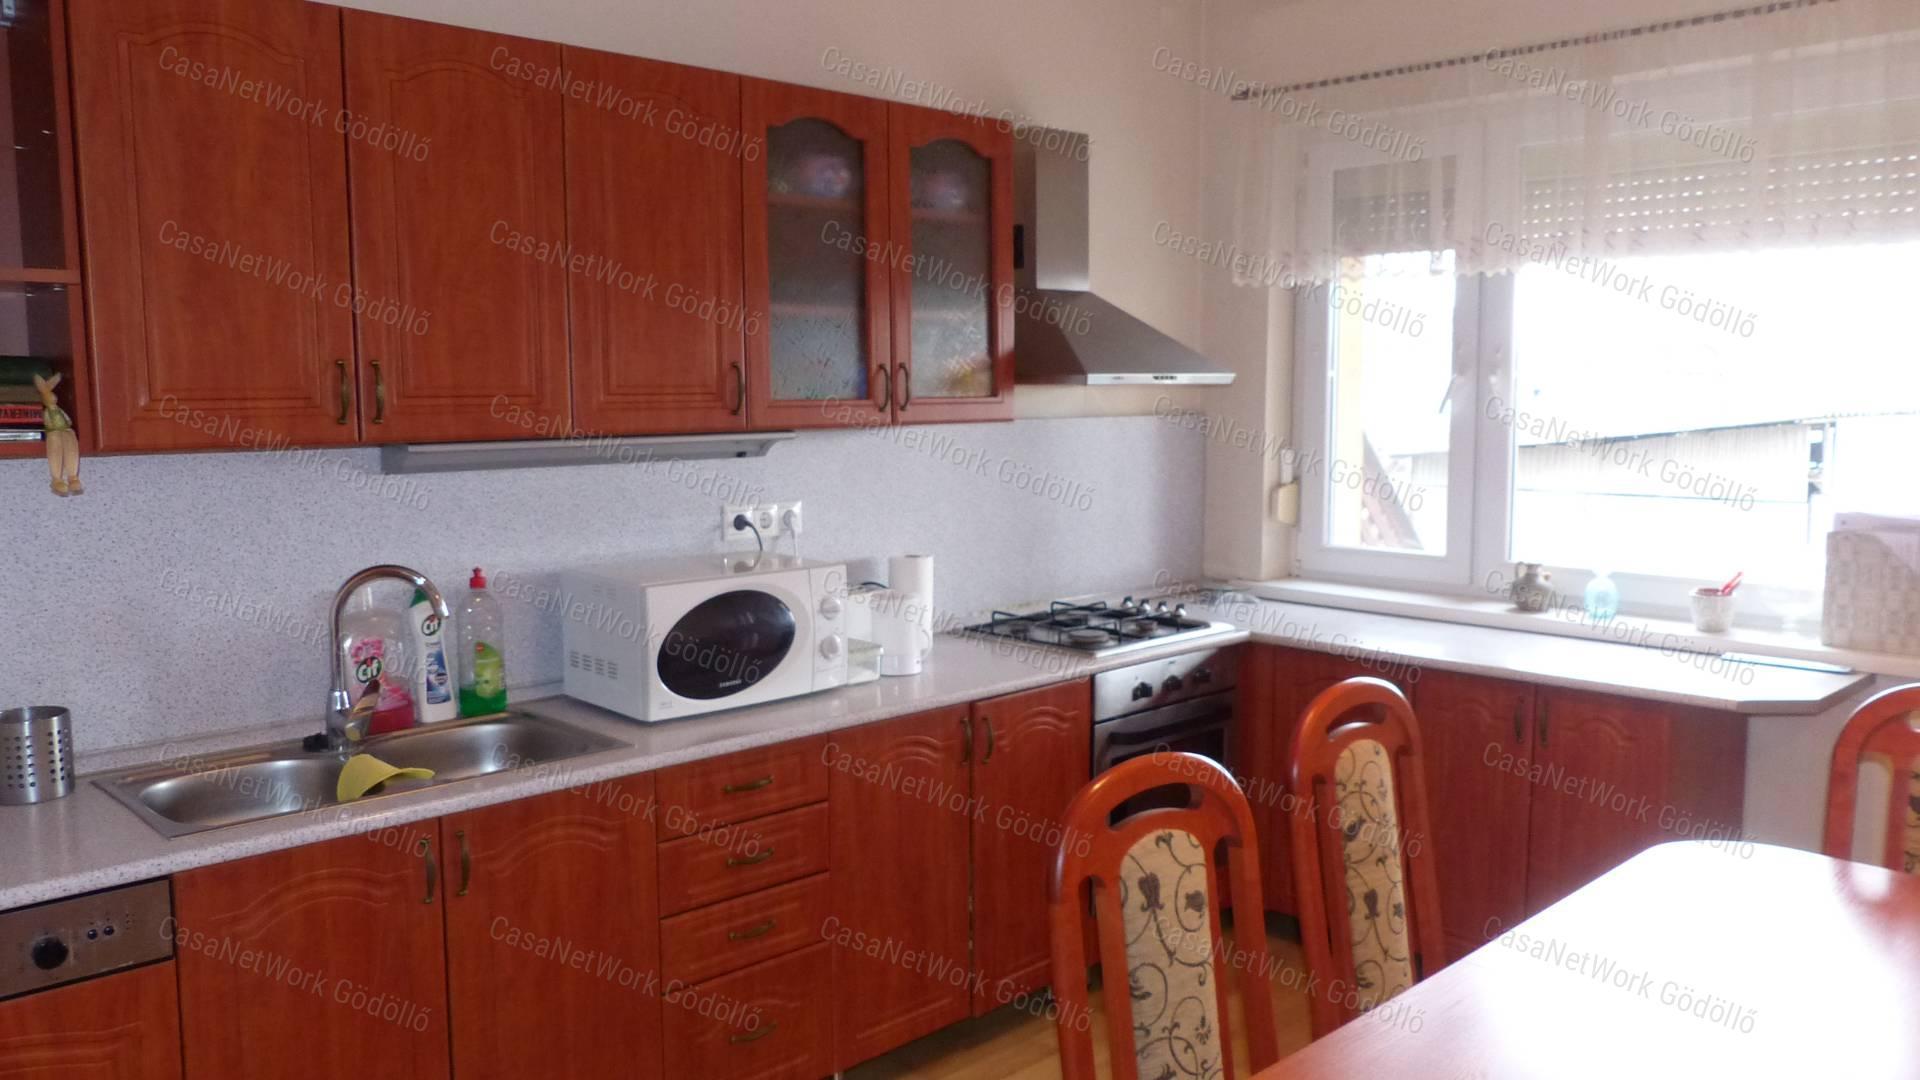 Eladó családi ház, Pest megye, Tura - sz.: 166400560 - CasaNetWork.hu